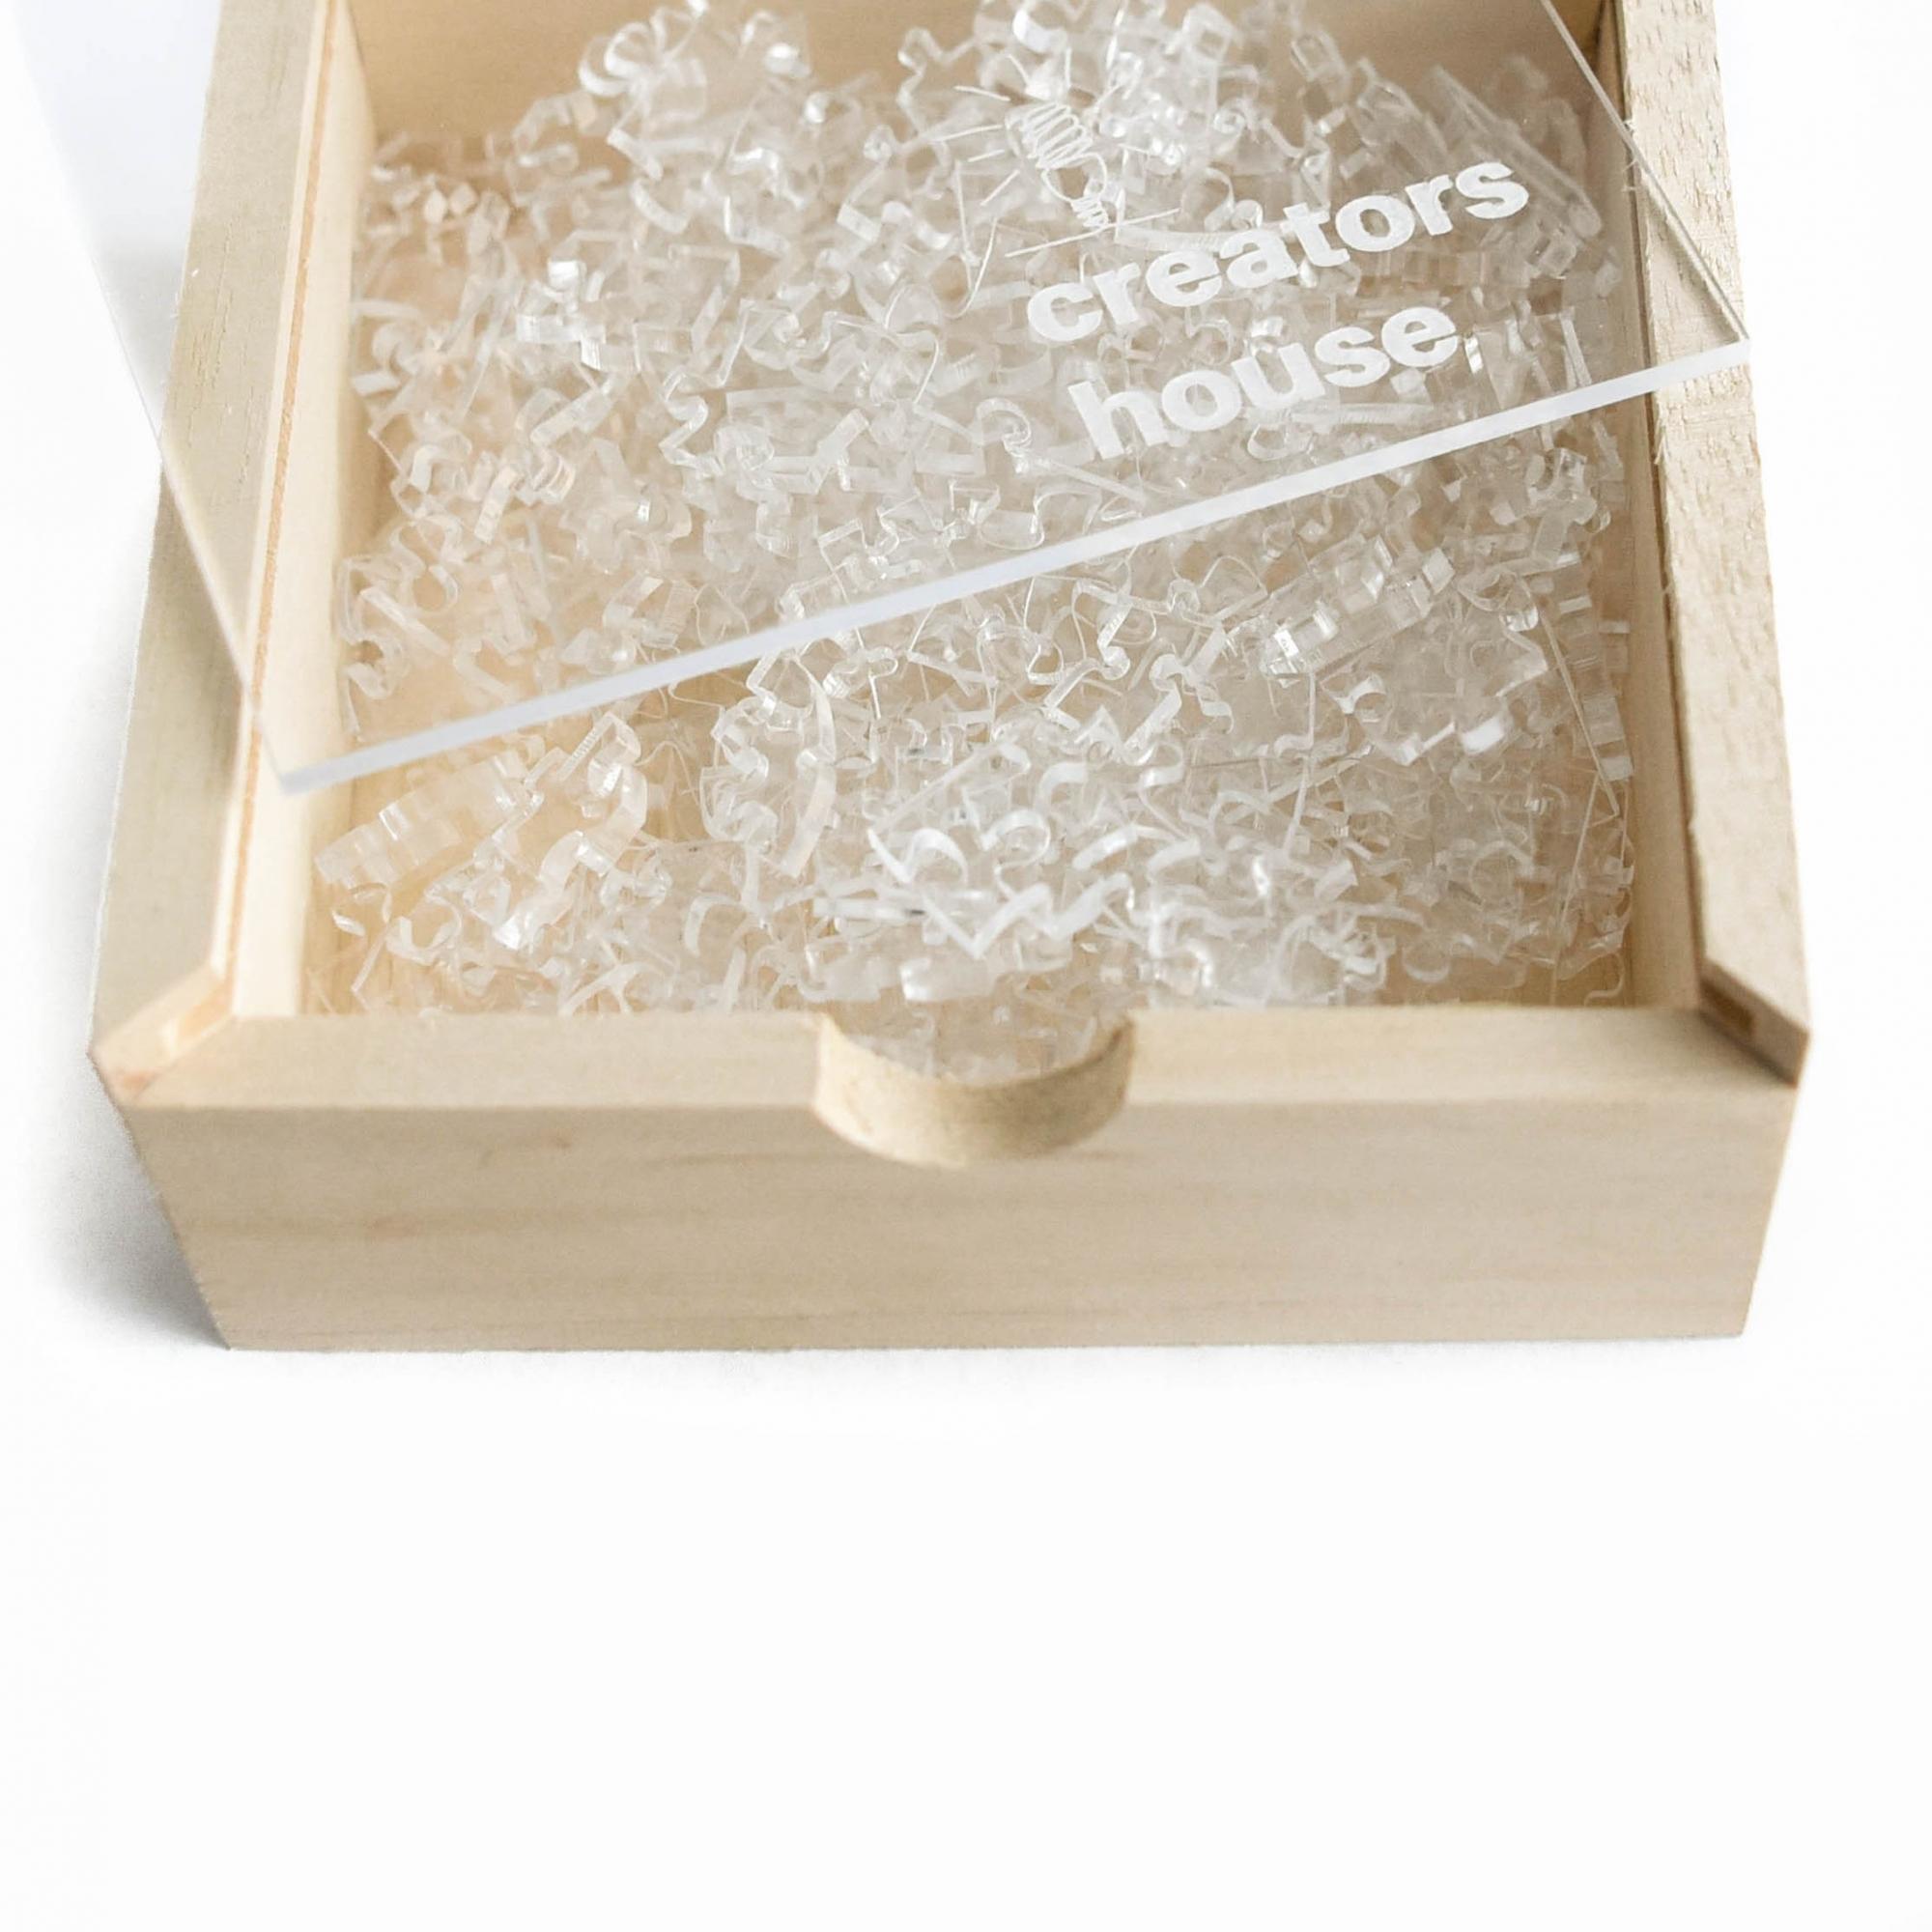 Quebra Cabeça Transparente Redondo Insano (91 Peças)  + Caixa